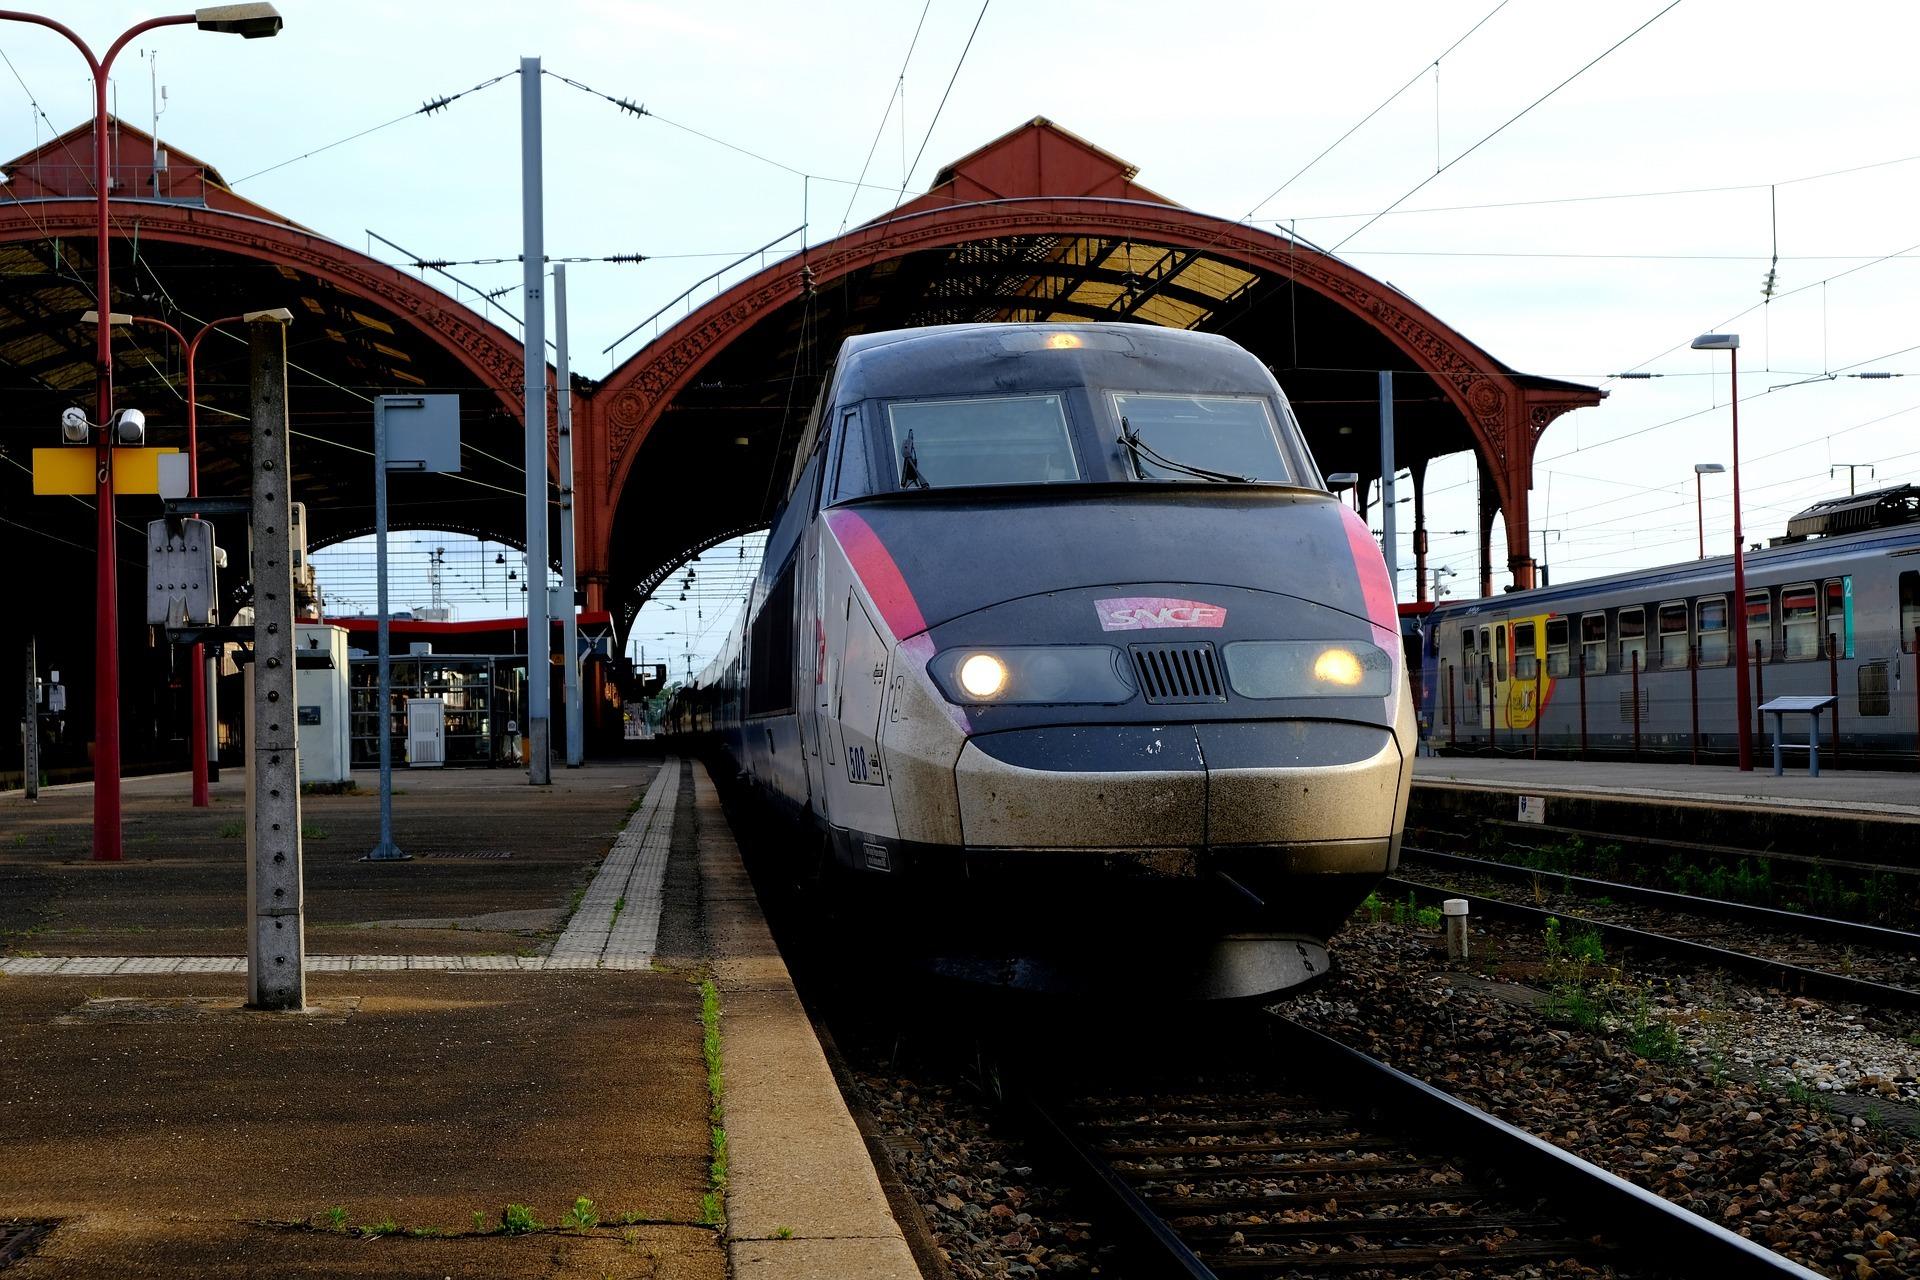 Nachhaltig mit dem Zug reisen und produktiv sein